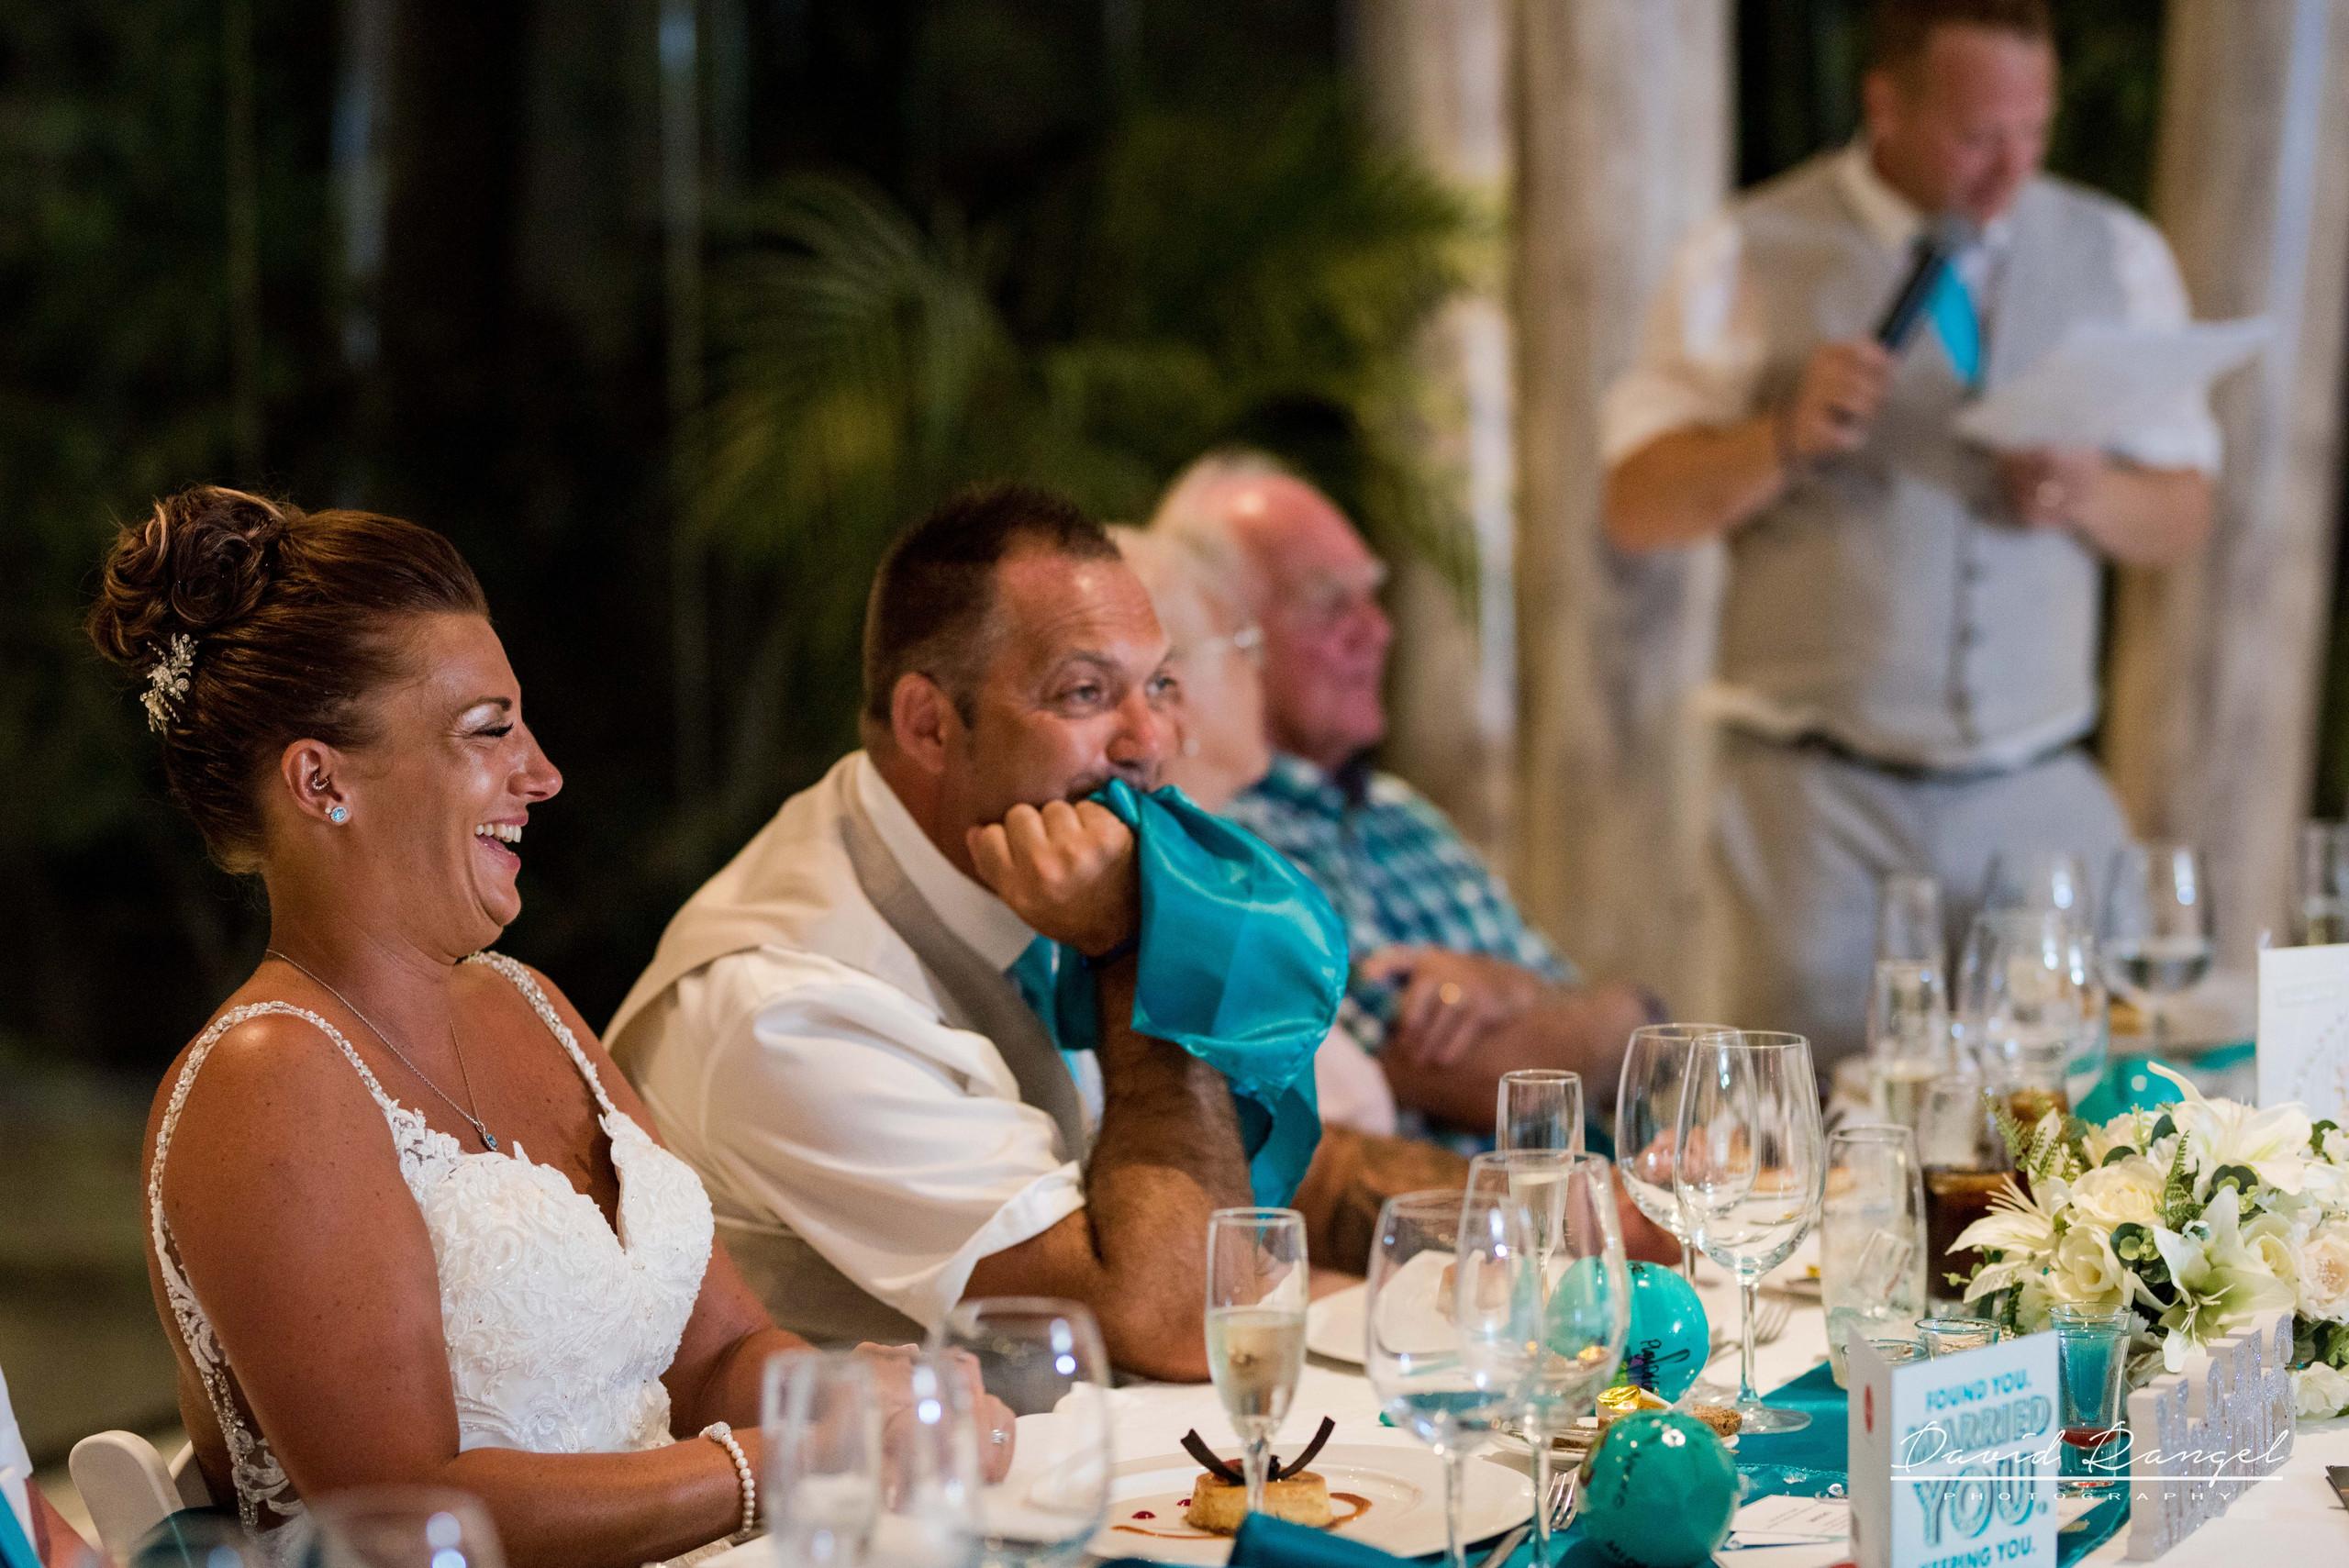 wedding+drinks+best+man